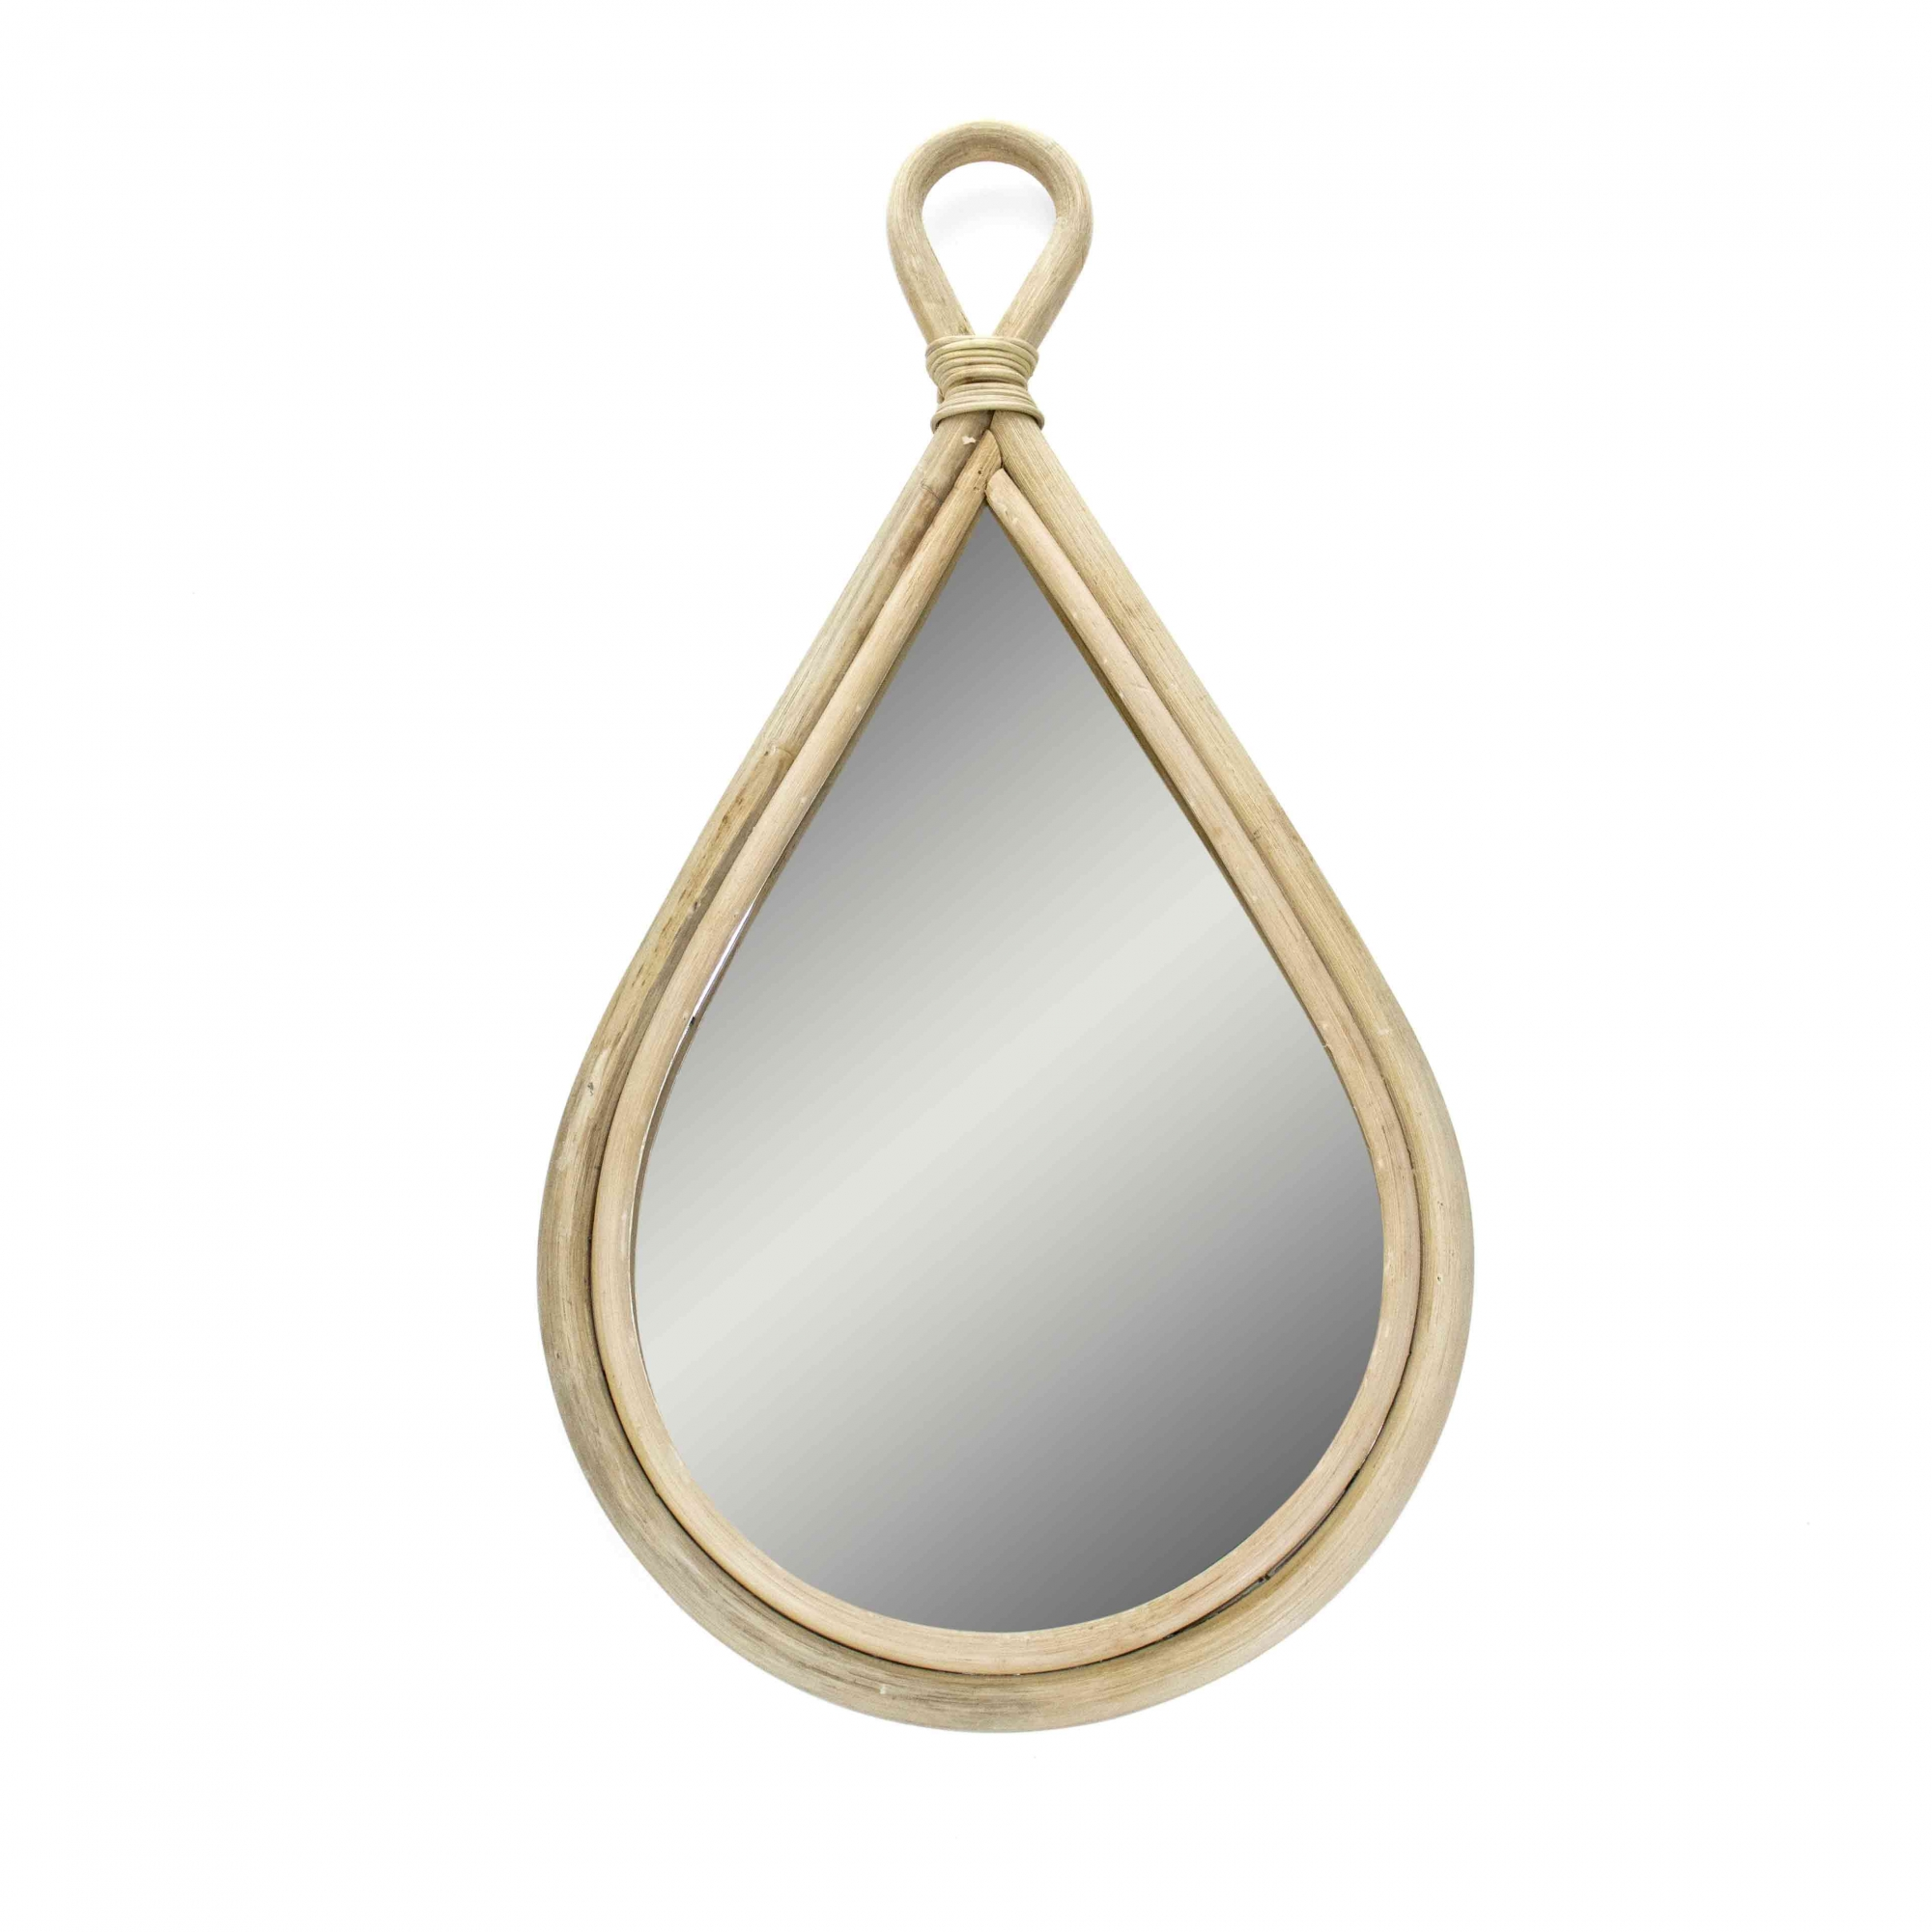 Espelho Decorativo Gota Em Rattan Madeira Oval 75x40 Cm - D'Rossi